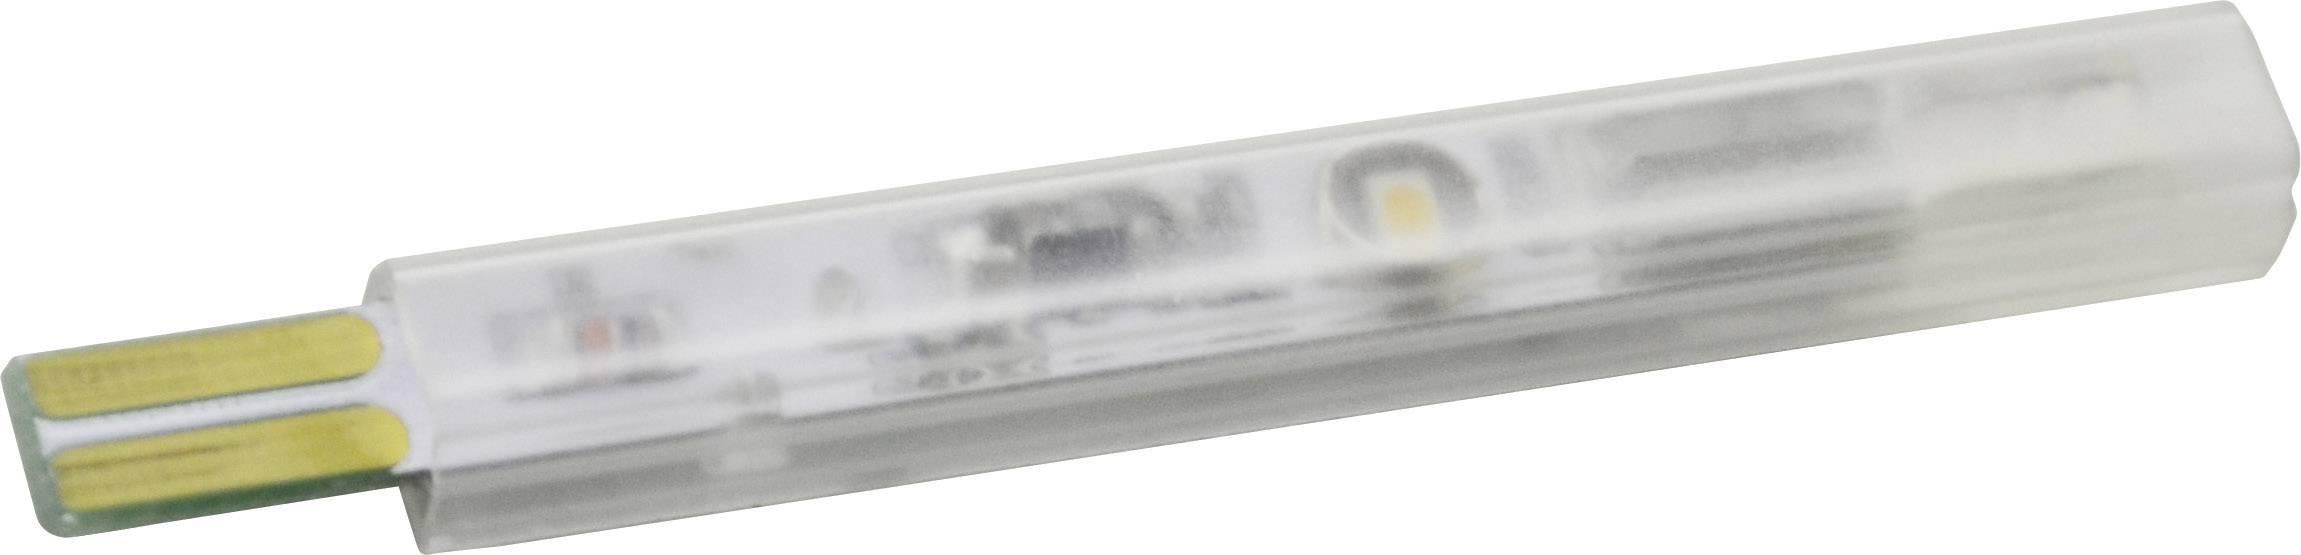 Dotykový spínač dekoračních LED lišt Rolux (0280003011)